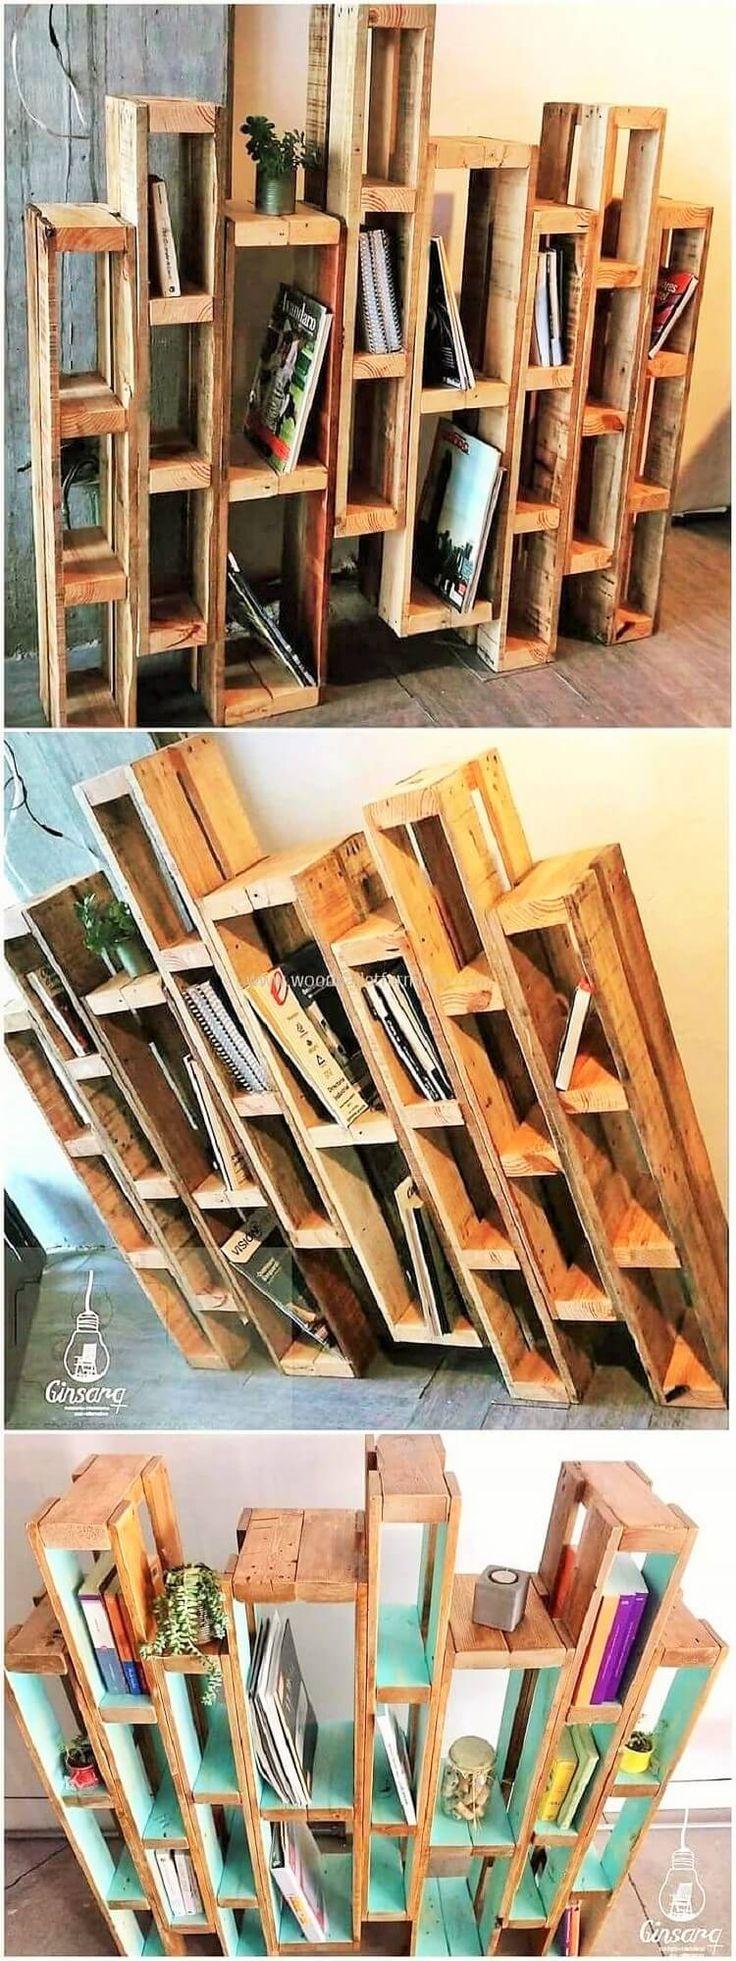 Aus Holz gefertigte Gegenstände zum Ausprobieren aus Palettenholz